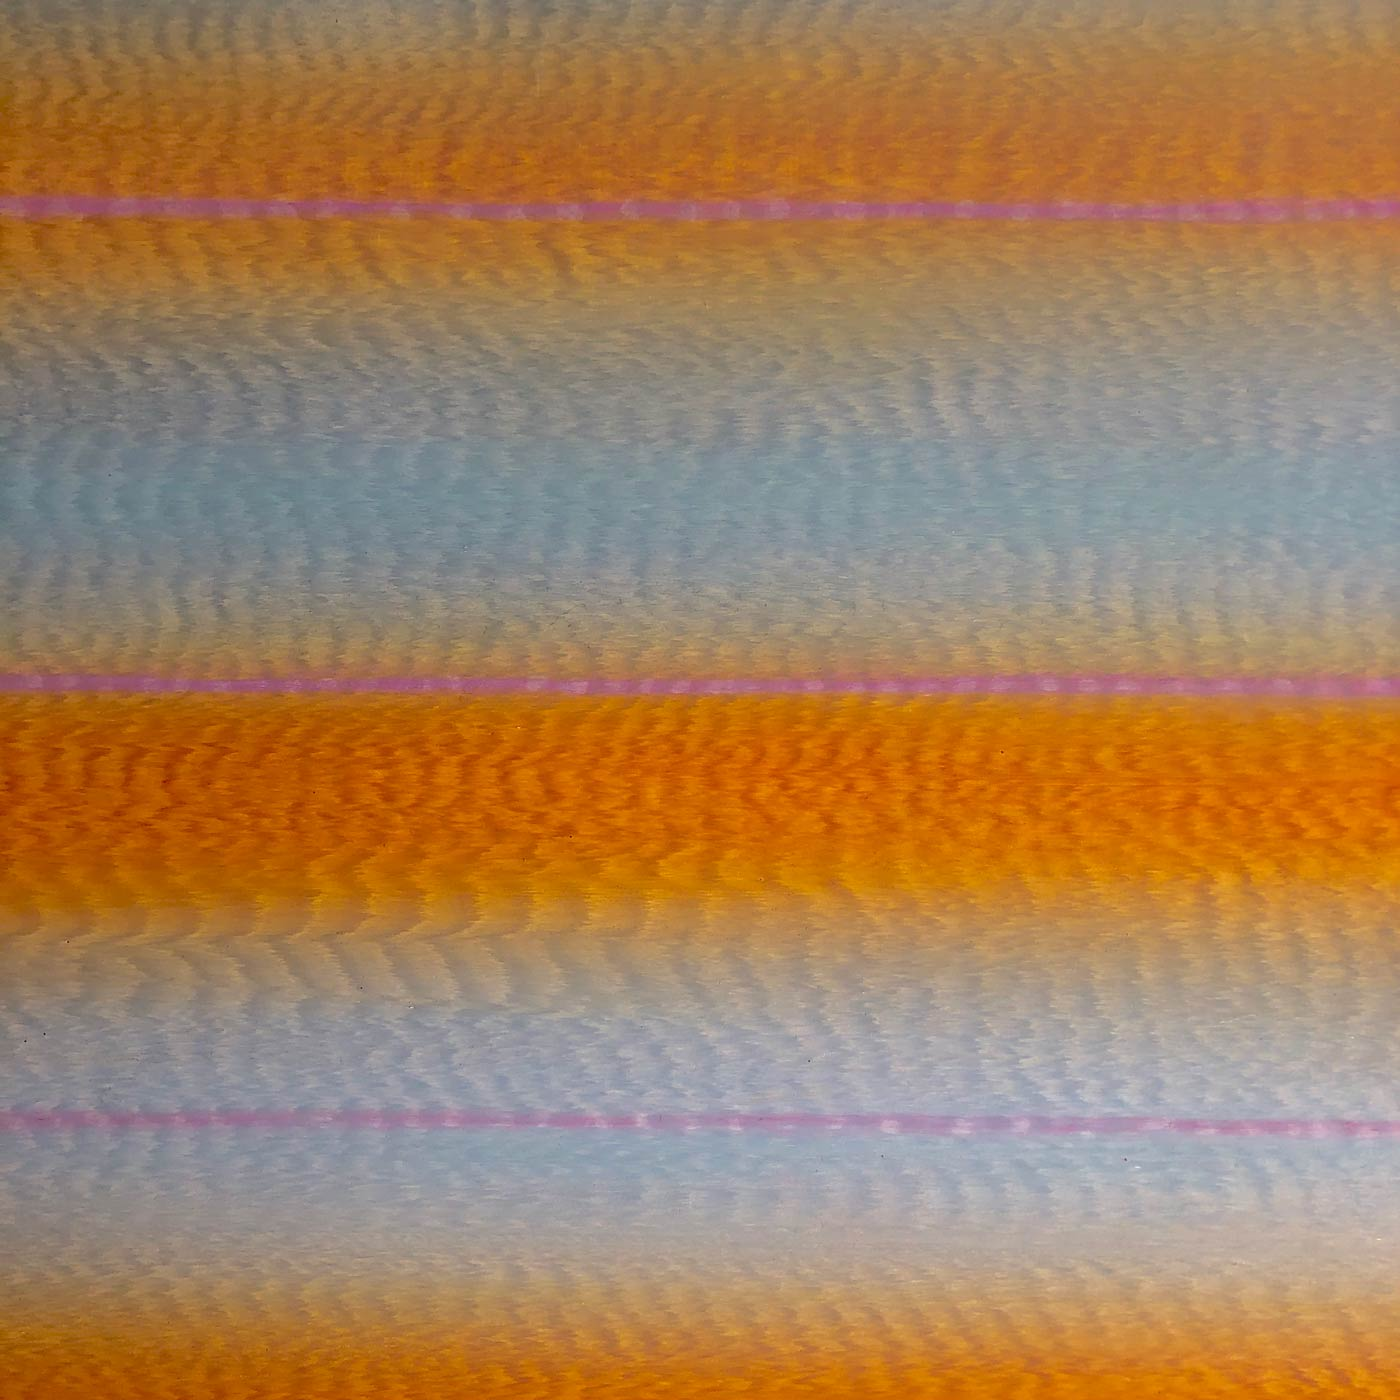 détail, Certain Slant, huile sur panneau, 29 x 33 pouces, 2017-19